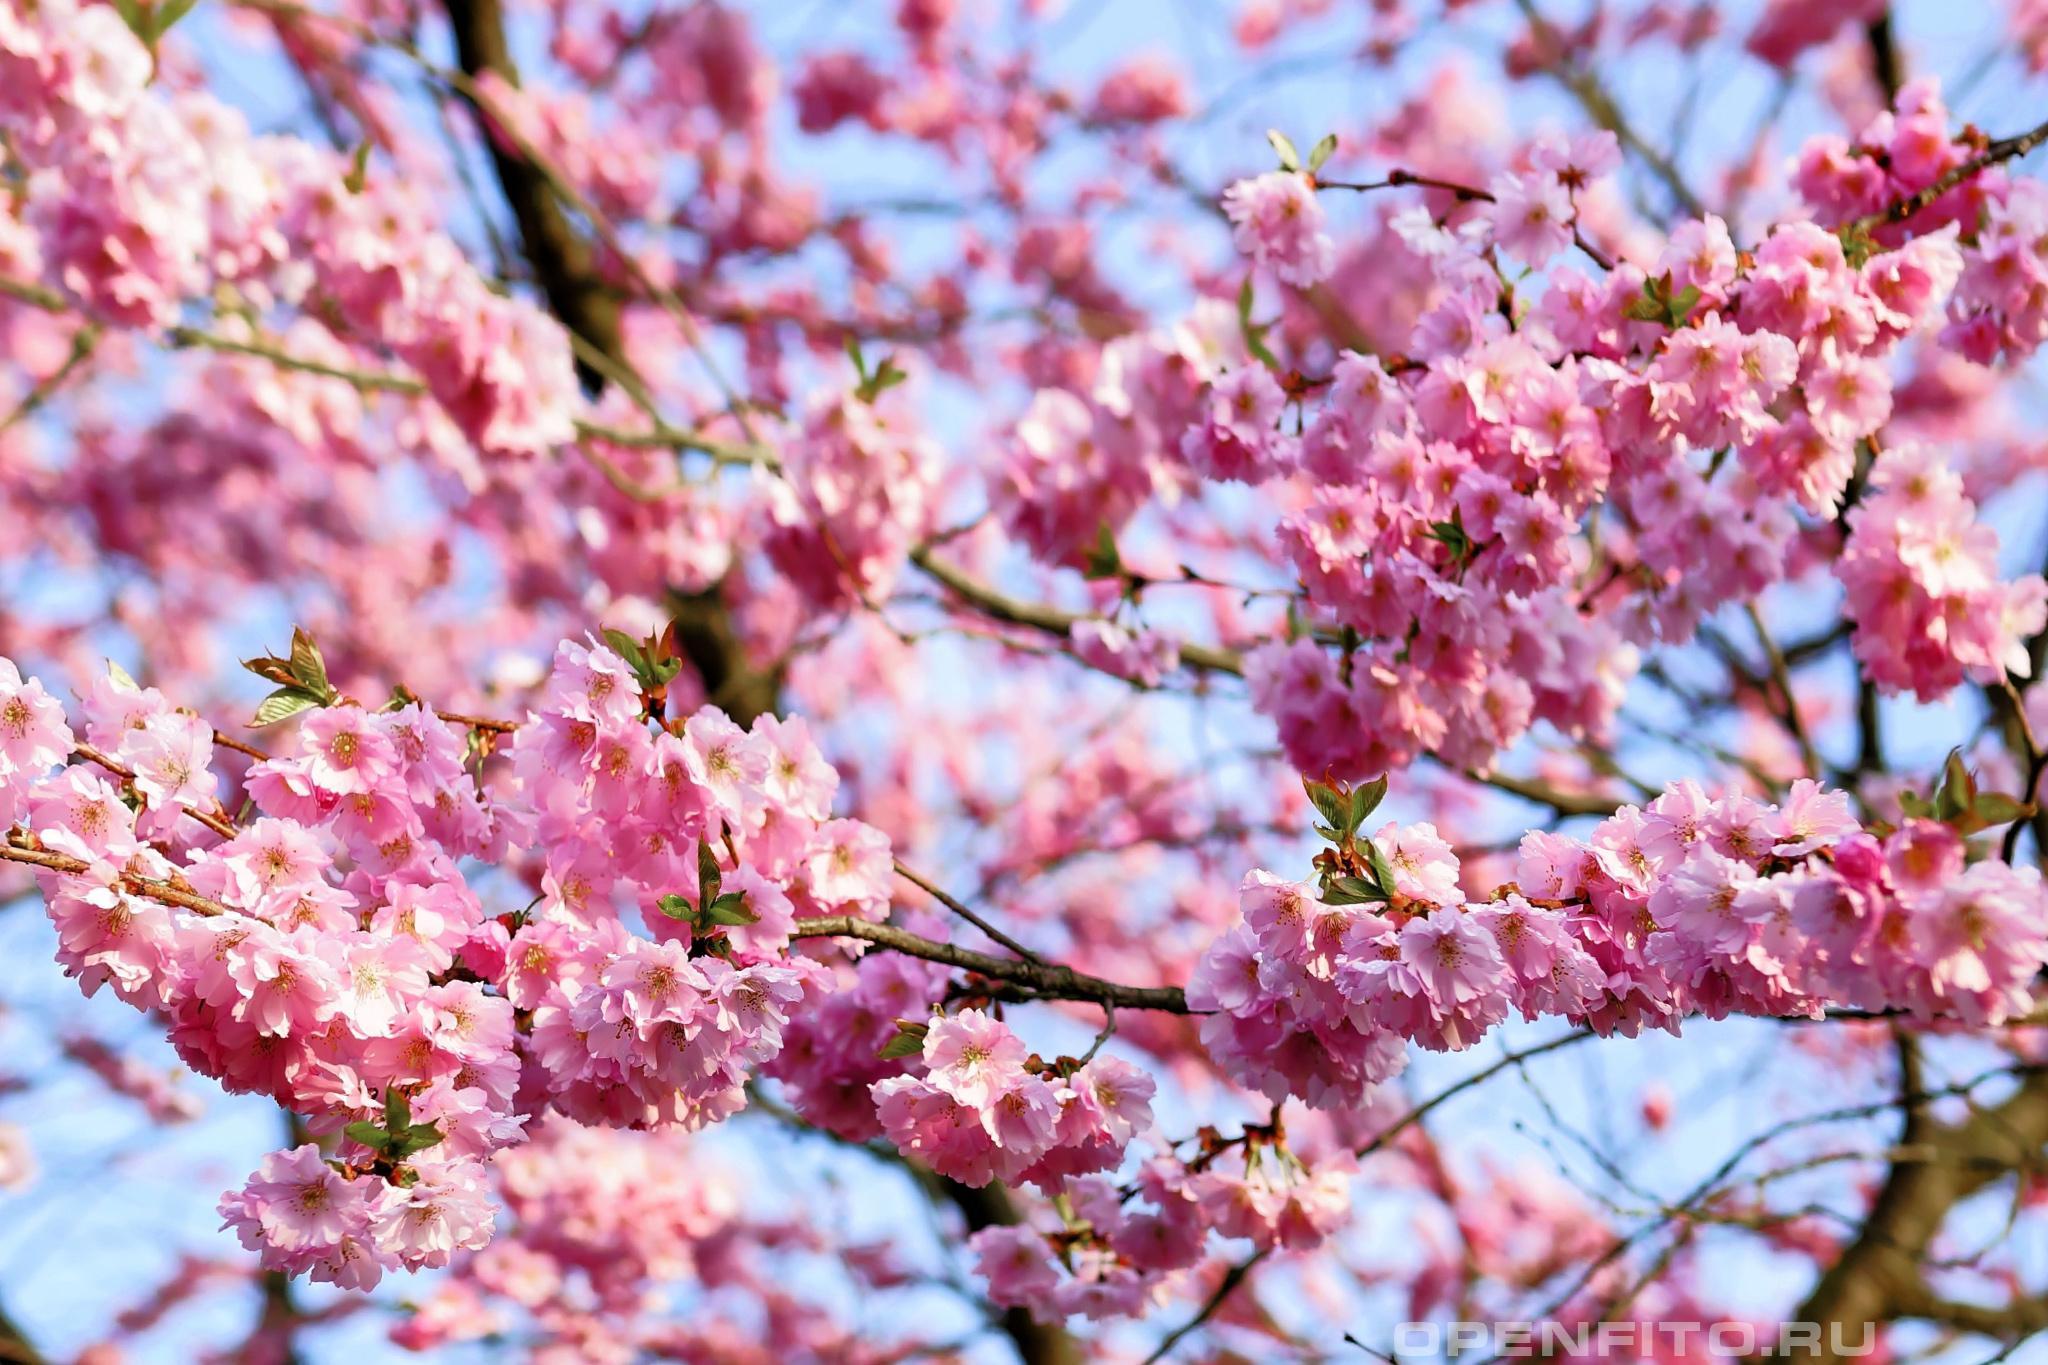 Вишня мелкопильчатая это растение является символом Японии, обычно его называют сакура